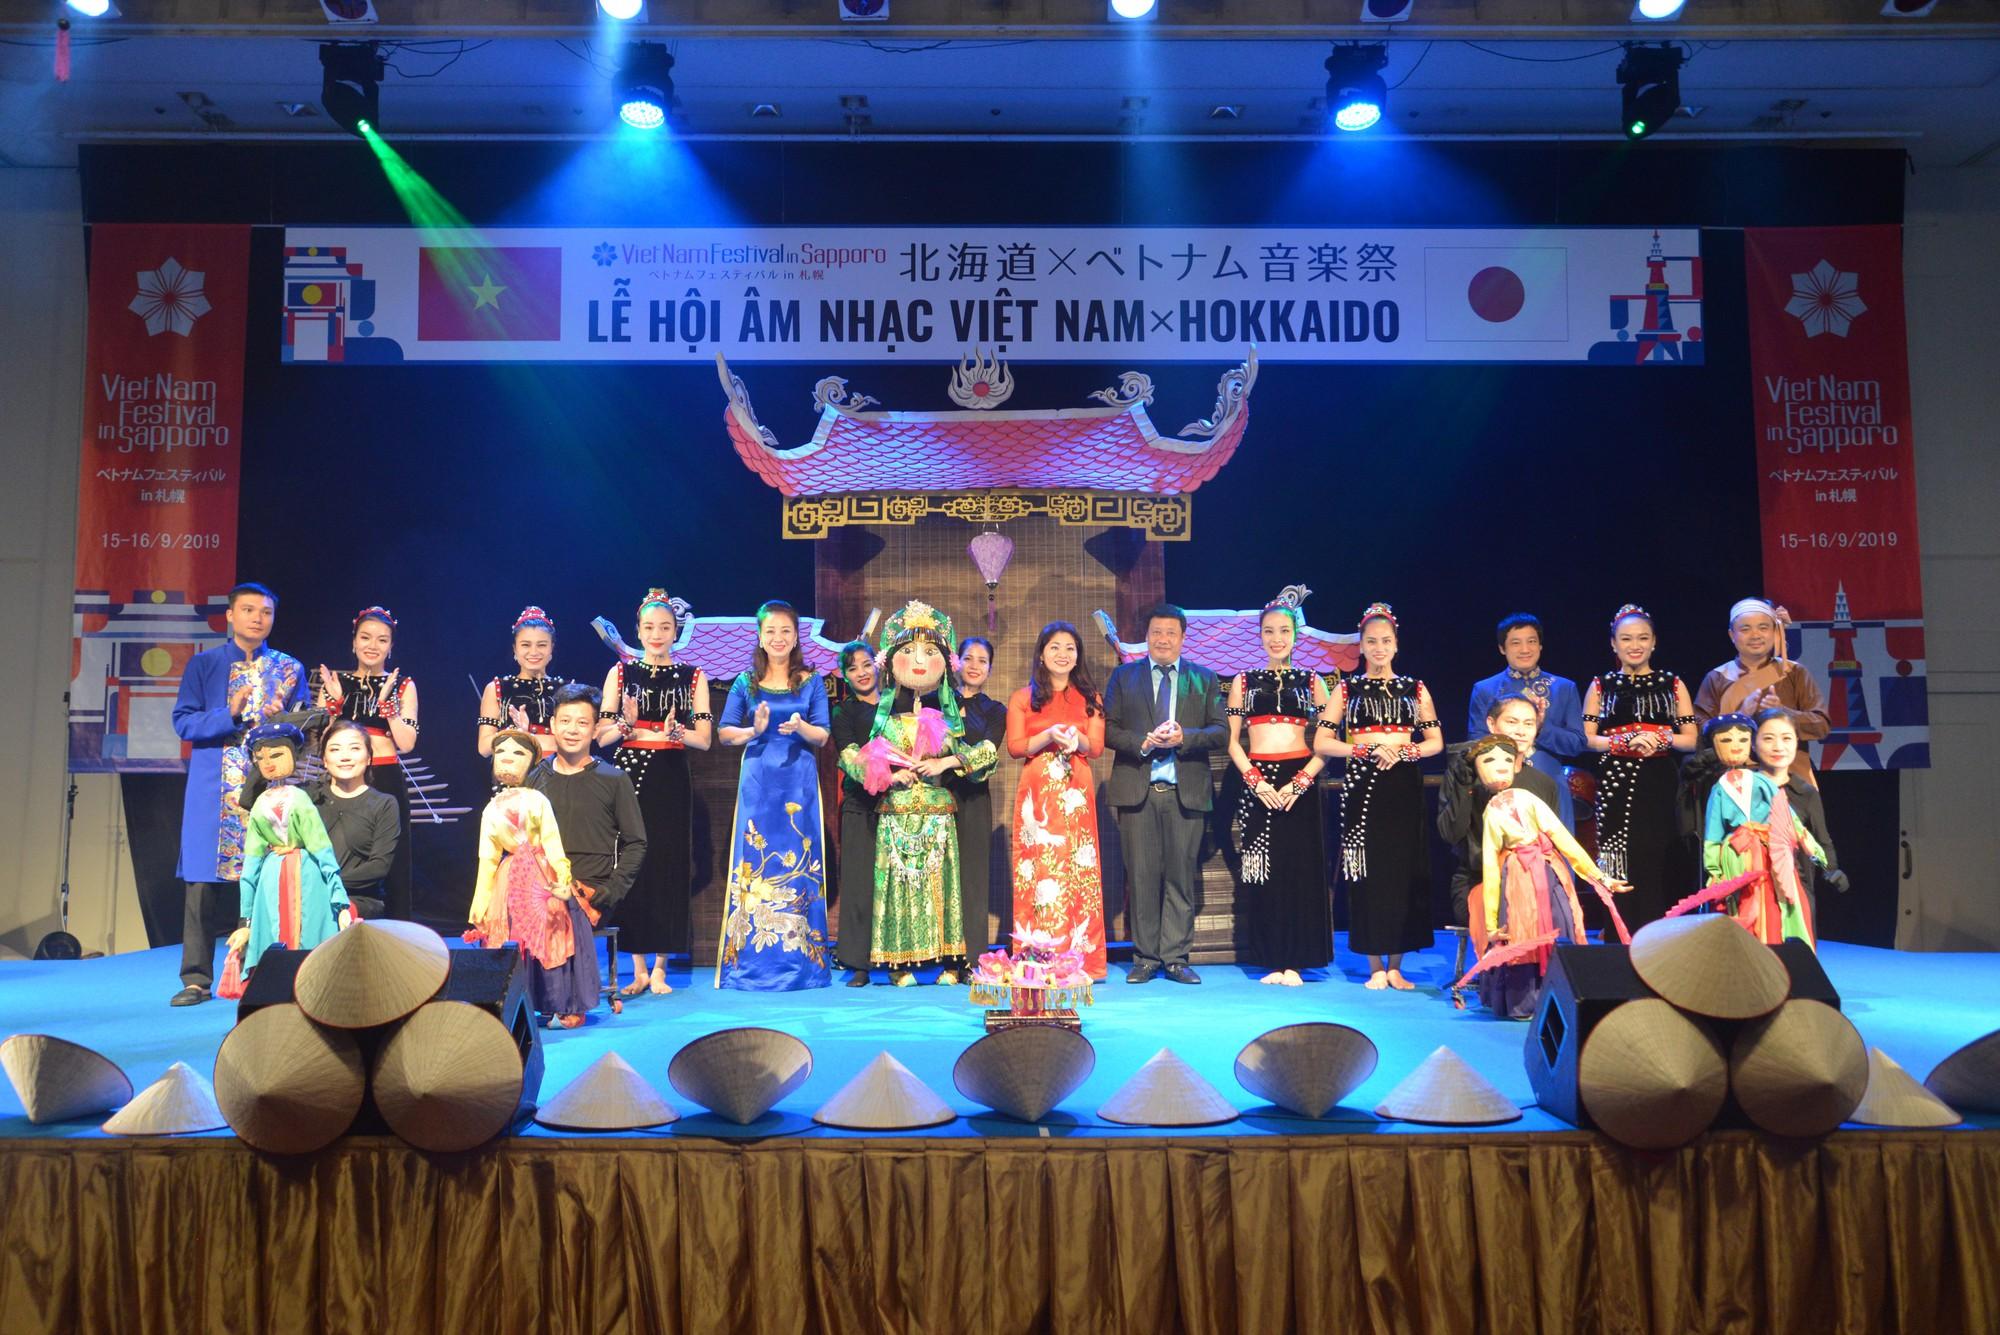 Lễ hội Việt Nam tại Sapporo năm 2019 lần thứ nhất - Ảnh 11.